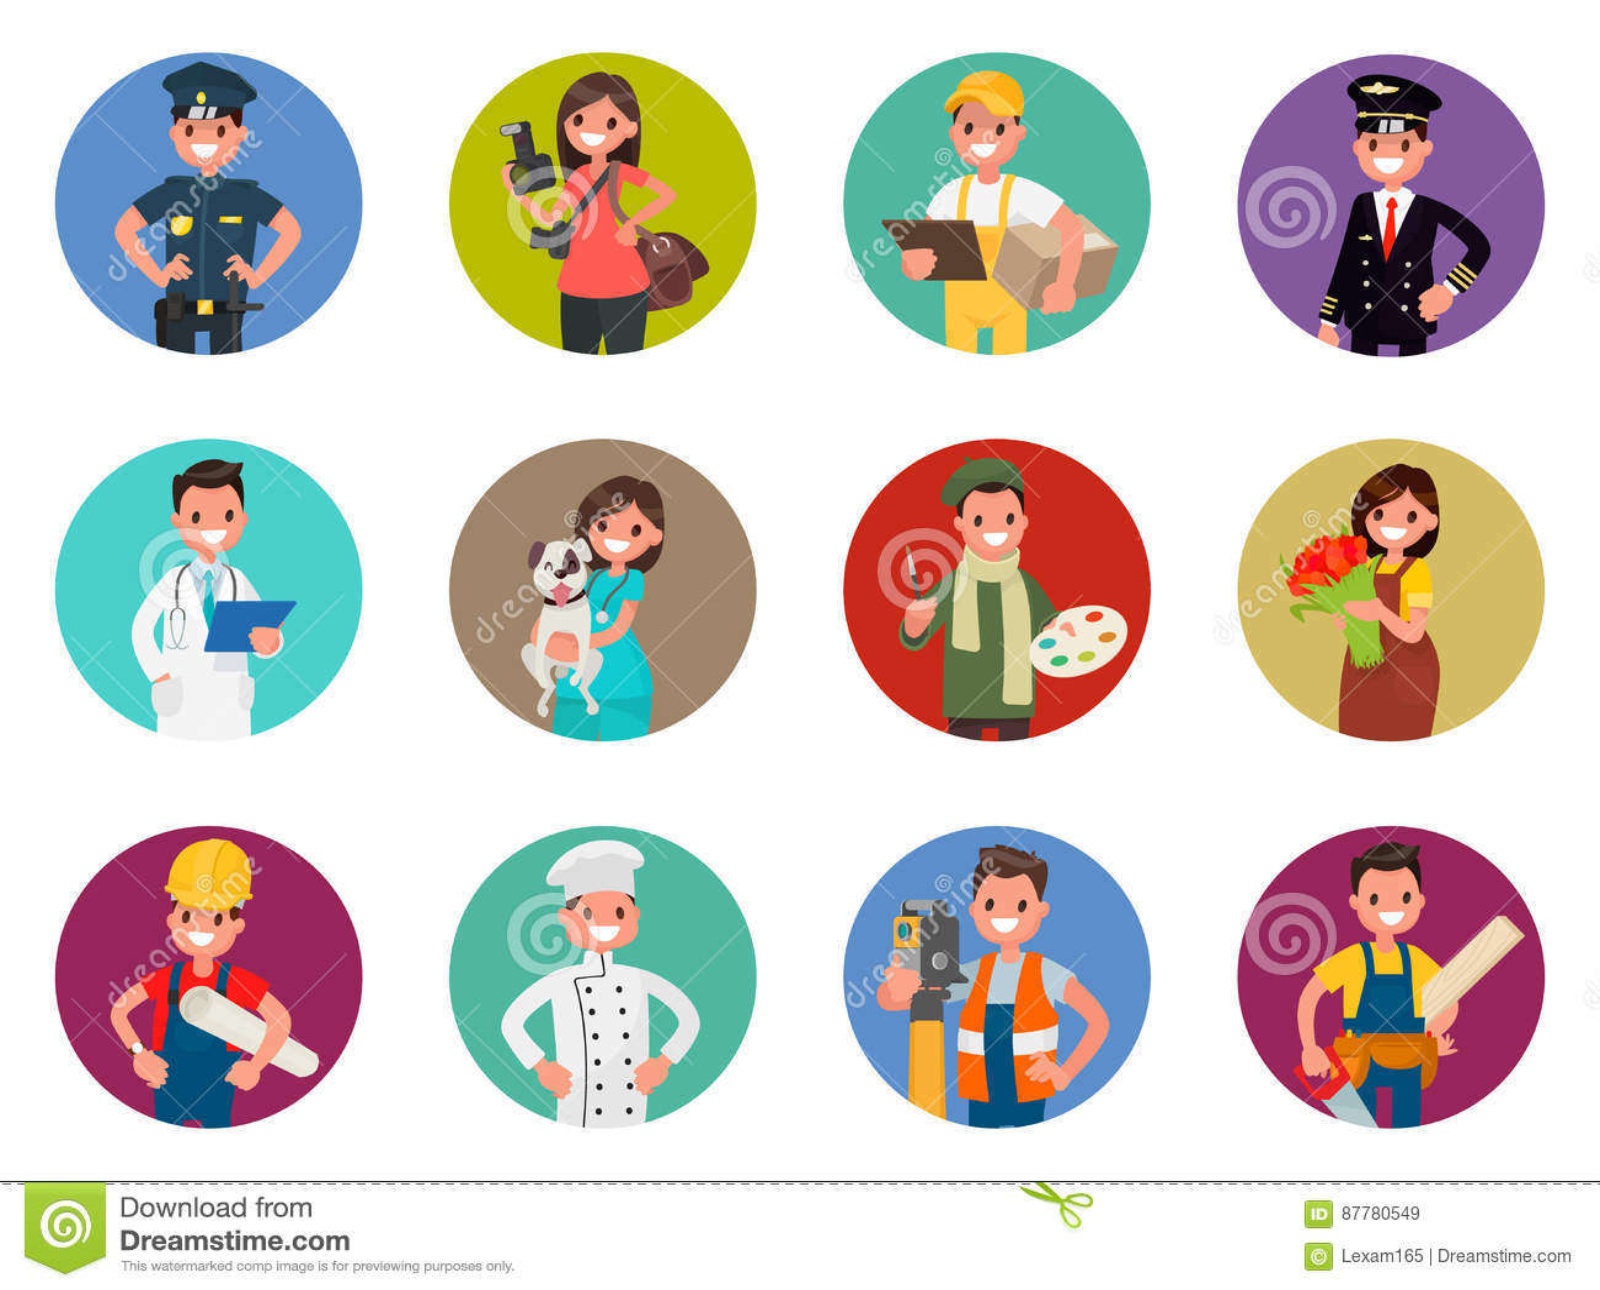 Σύνολο χαρακτήρων ειδώλων των διαφορετικών επαγγελμάτων: αστυνομικός, φωτογράφος, αγγελιαφόρος, πειραματικός, γιατρός και άλλοι Δ